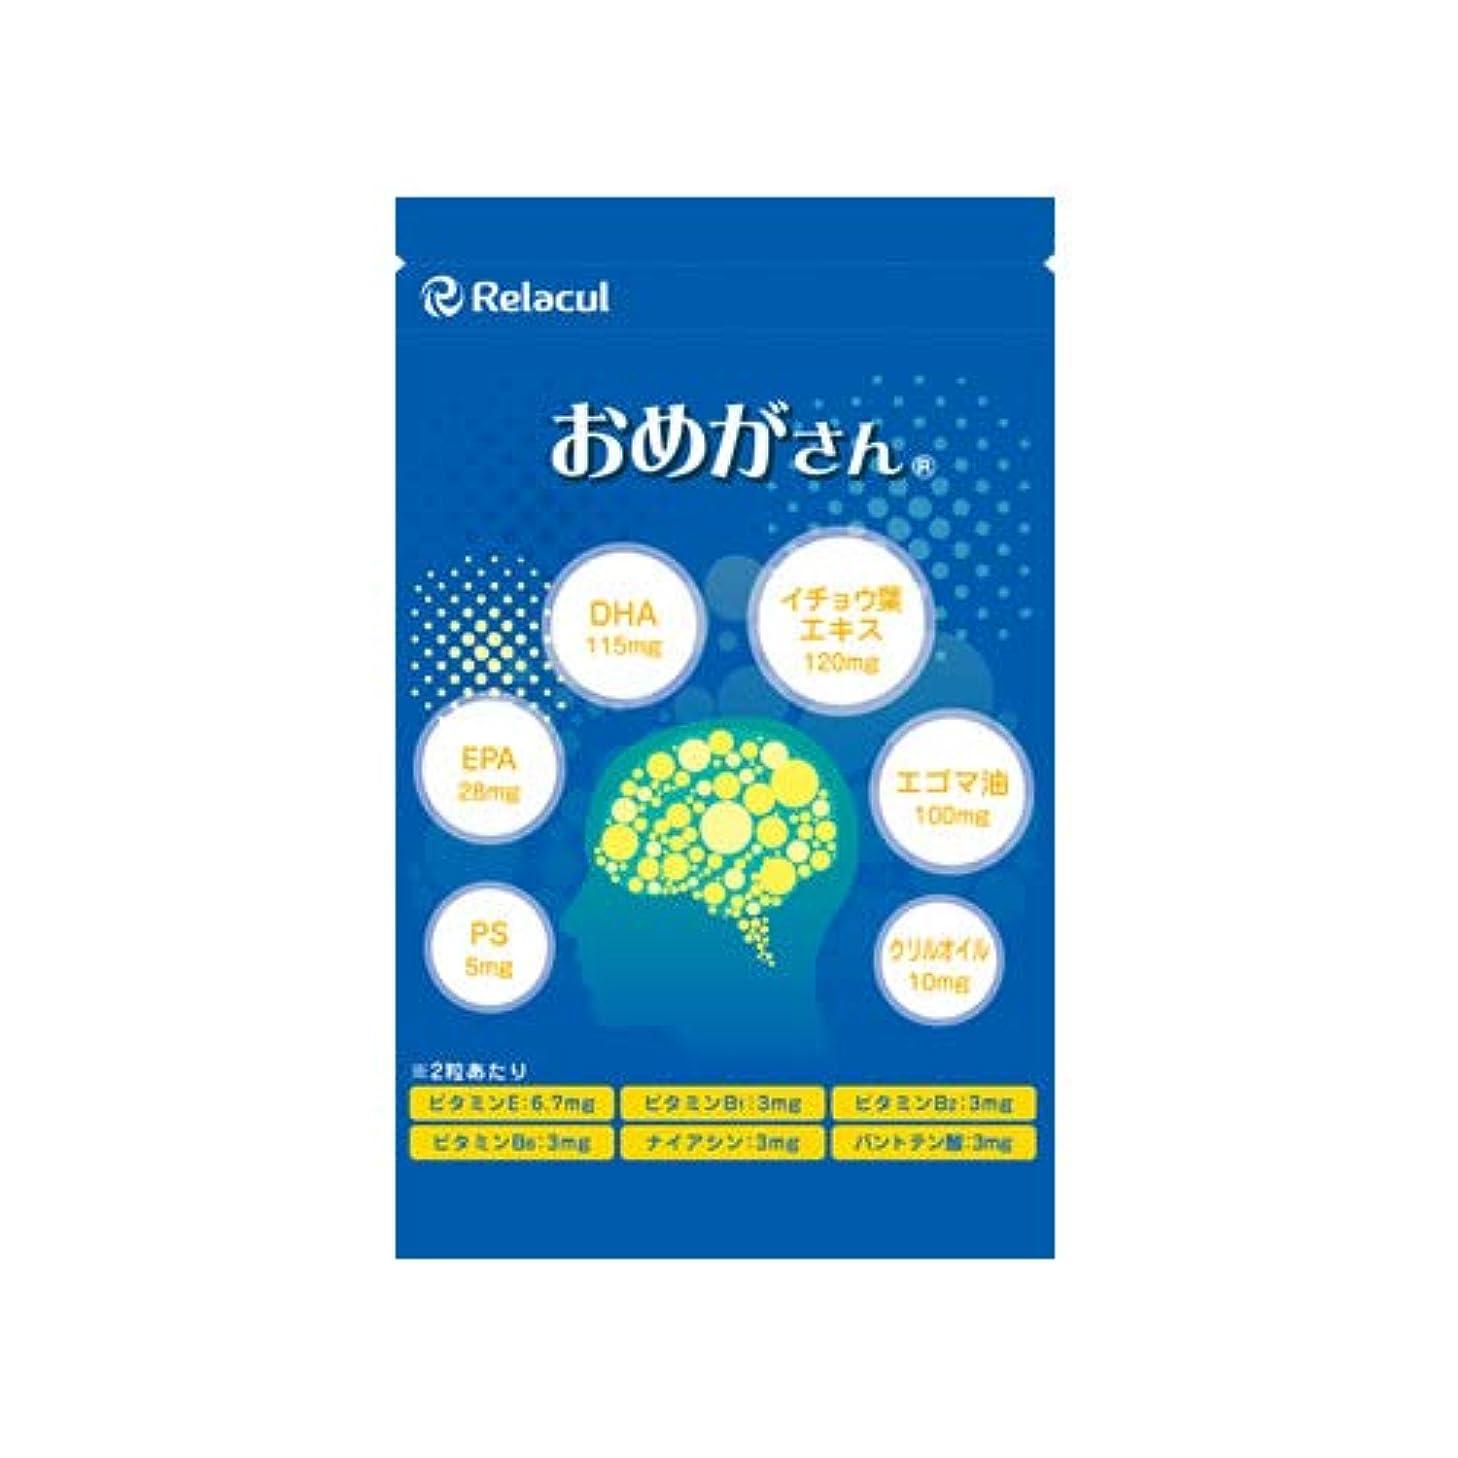 重なるホーンリーオメガ3脂肪酸 DHA EPA サプリ ( 日本製 ) うっかり 対策 サプリメント [偏った食生活に] フィッシュオイル イチョウ葉エキス エゴマ油 クリルオイル [ おめがさん 1袋 ] 60粒入 (約1か月分)